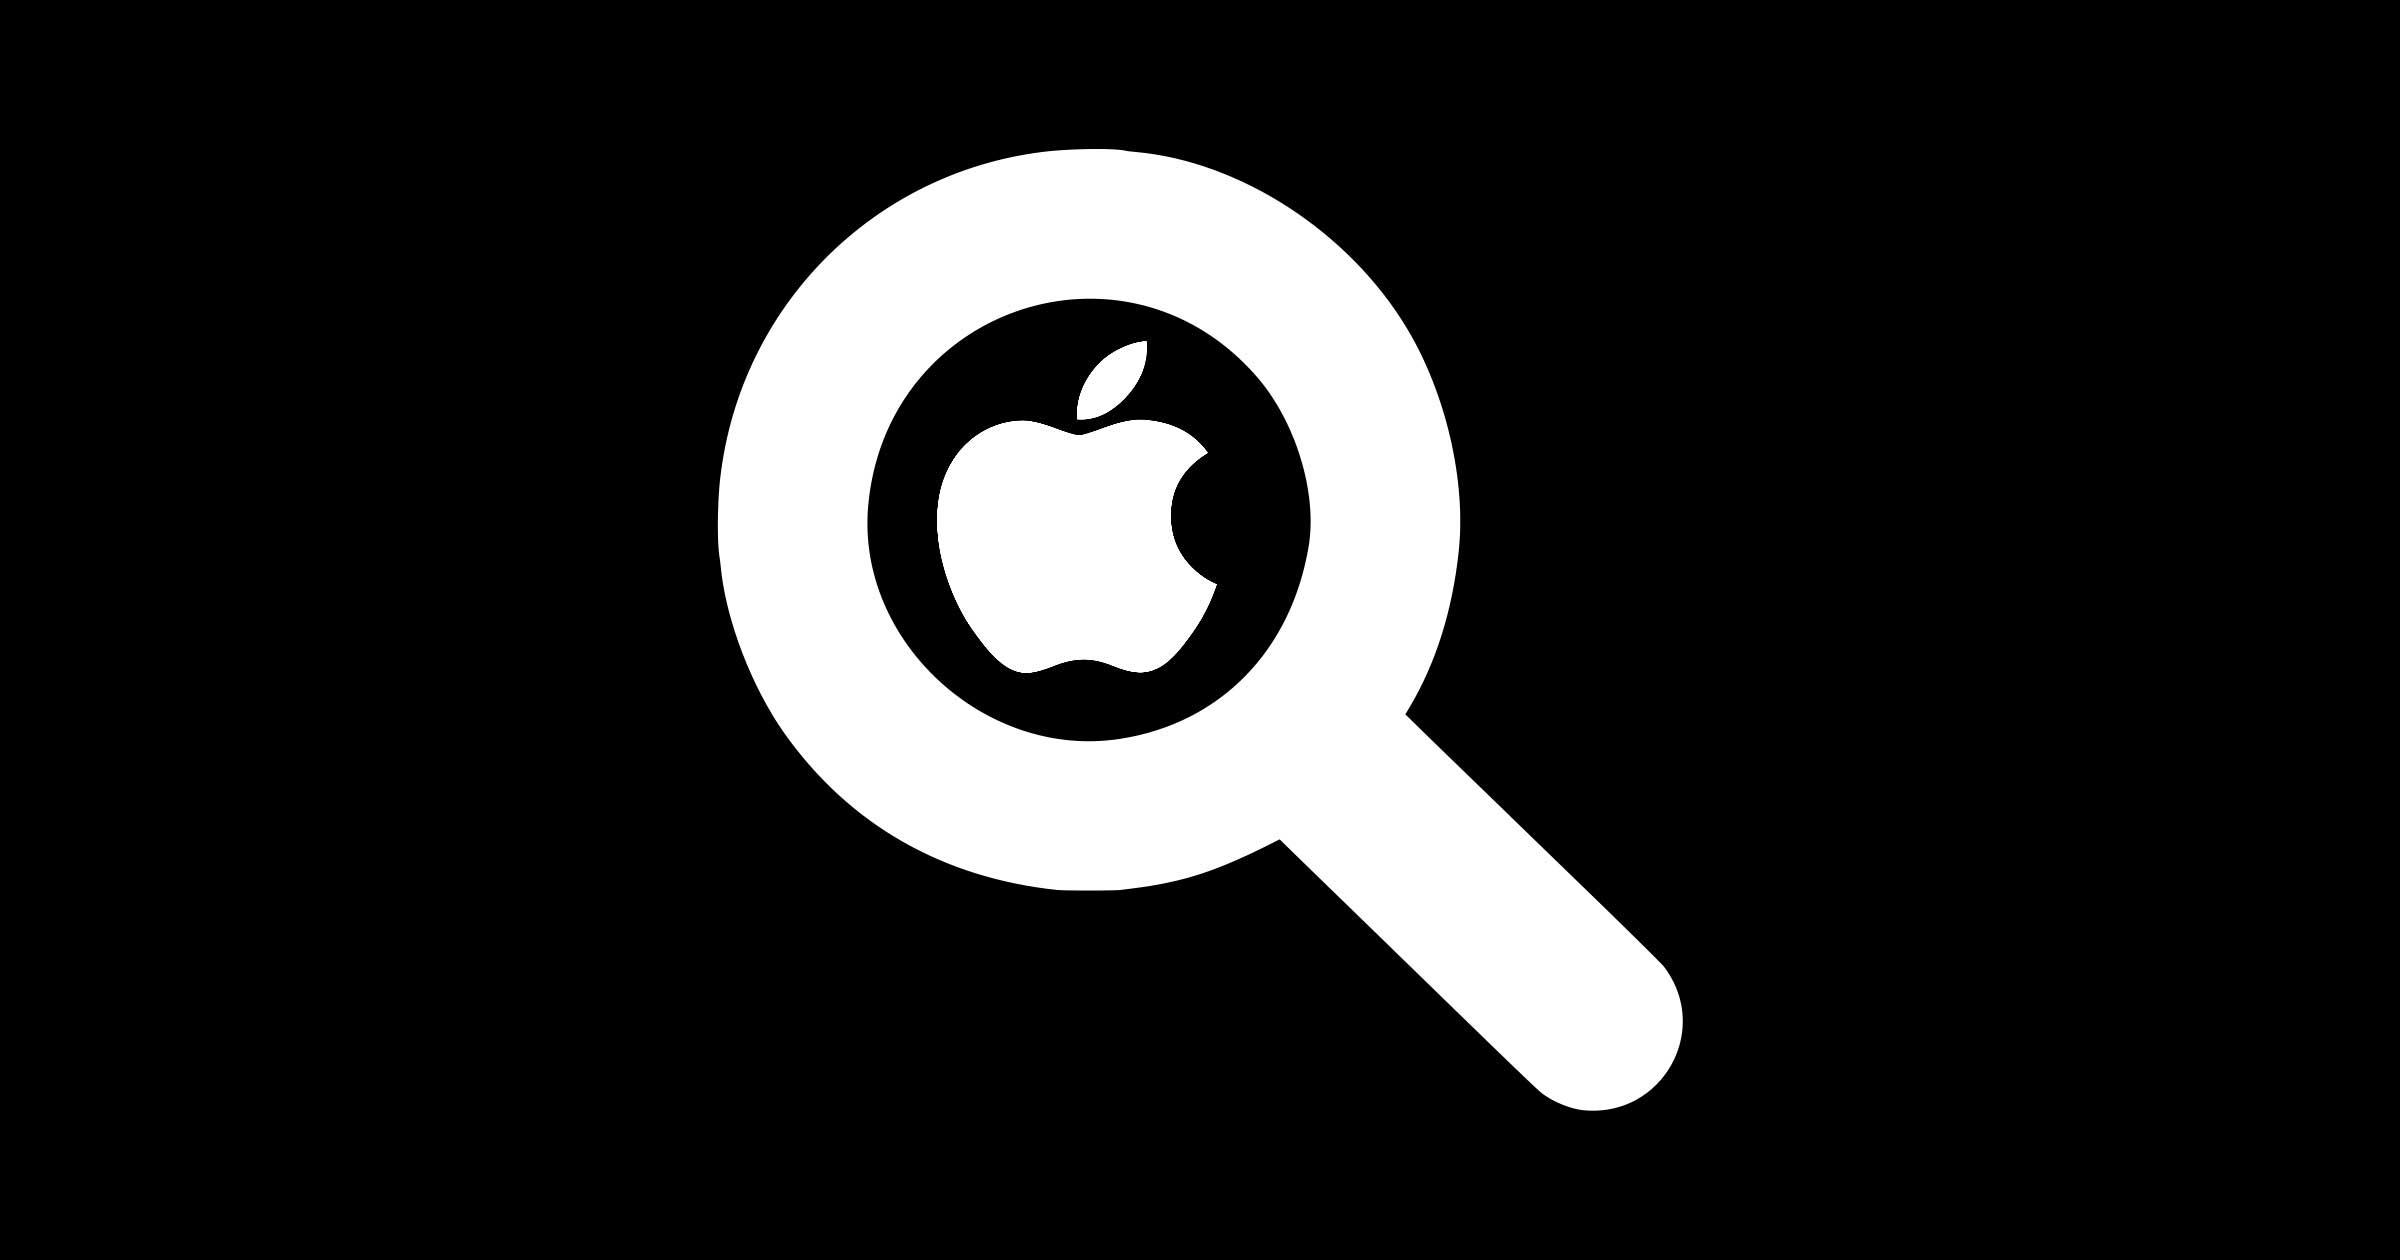 موتور جستجوی اپل یک جاه طلبی دیگر از کوپریتنویی ها خواهد بود